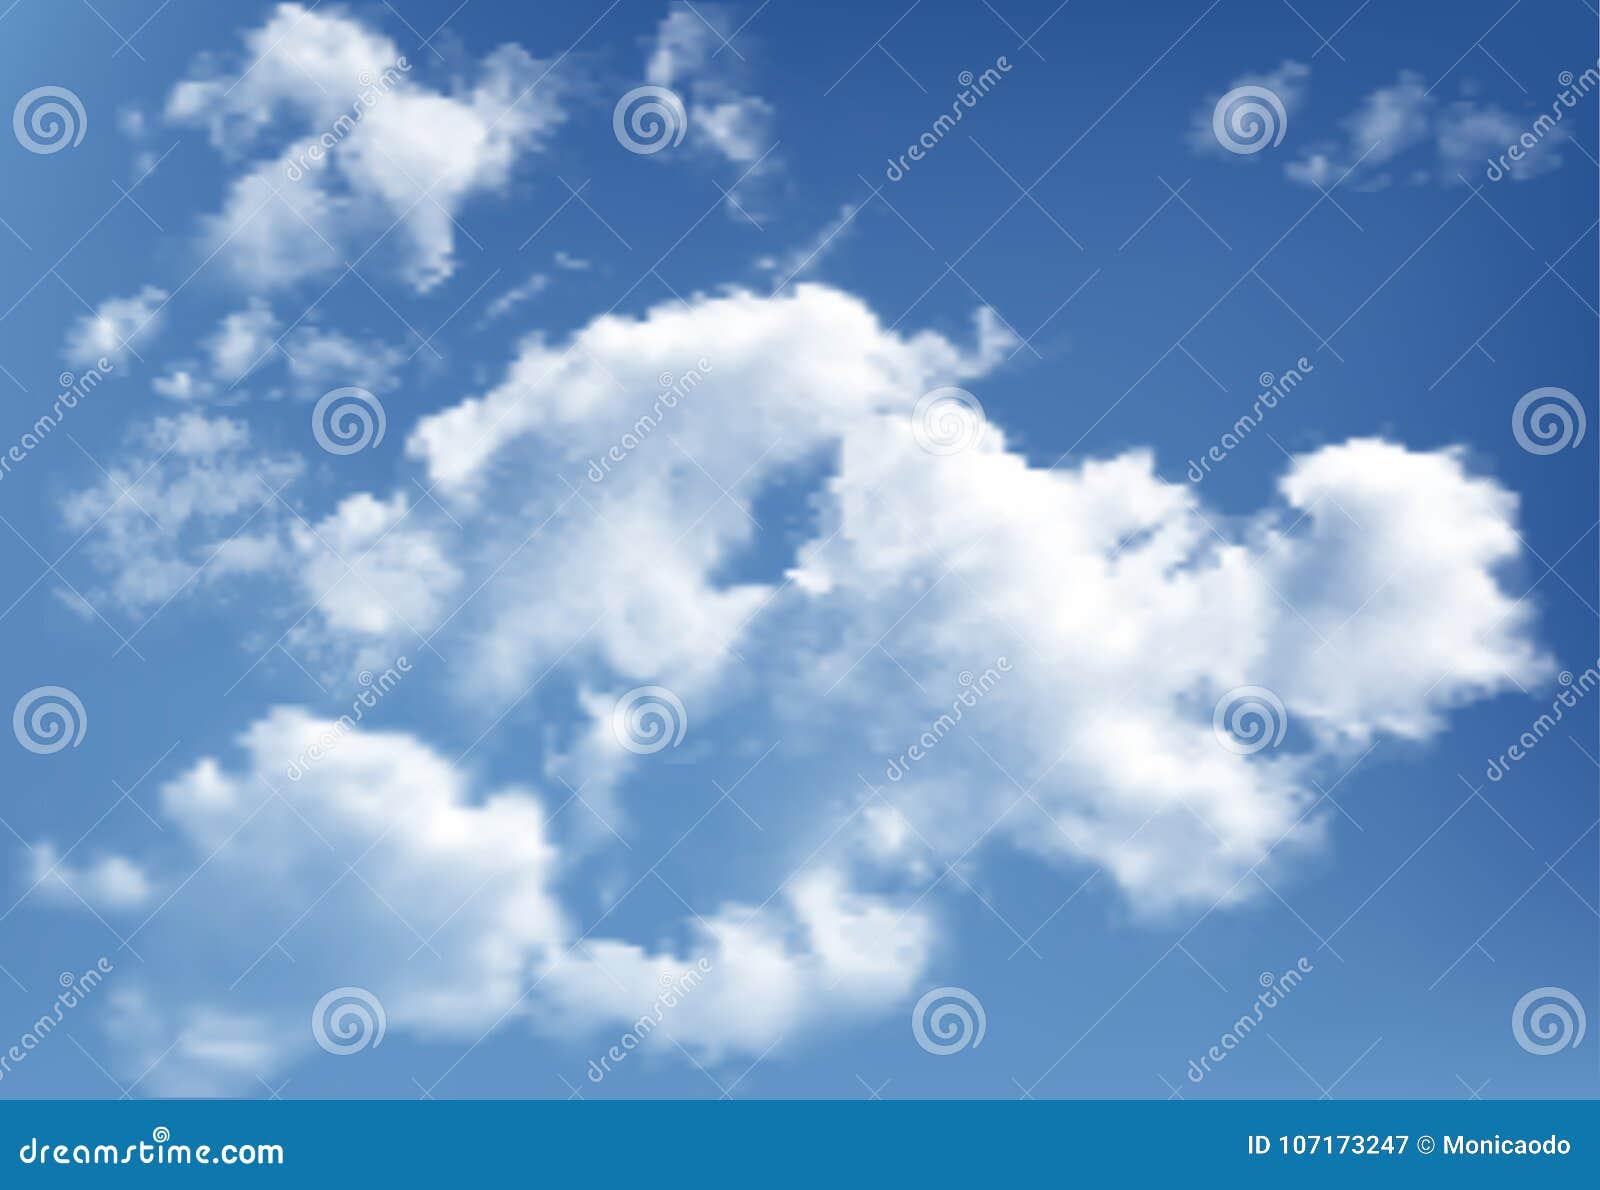 Hintergrund mit Wolken auf blauem Himmel